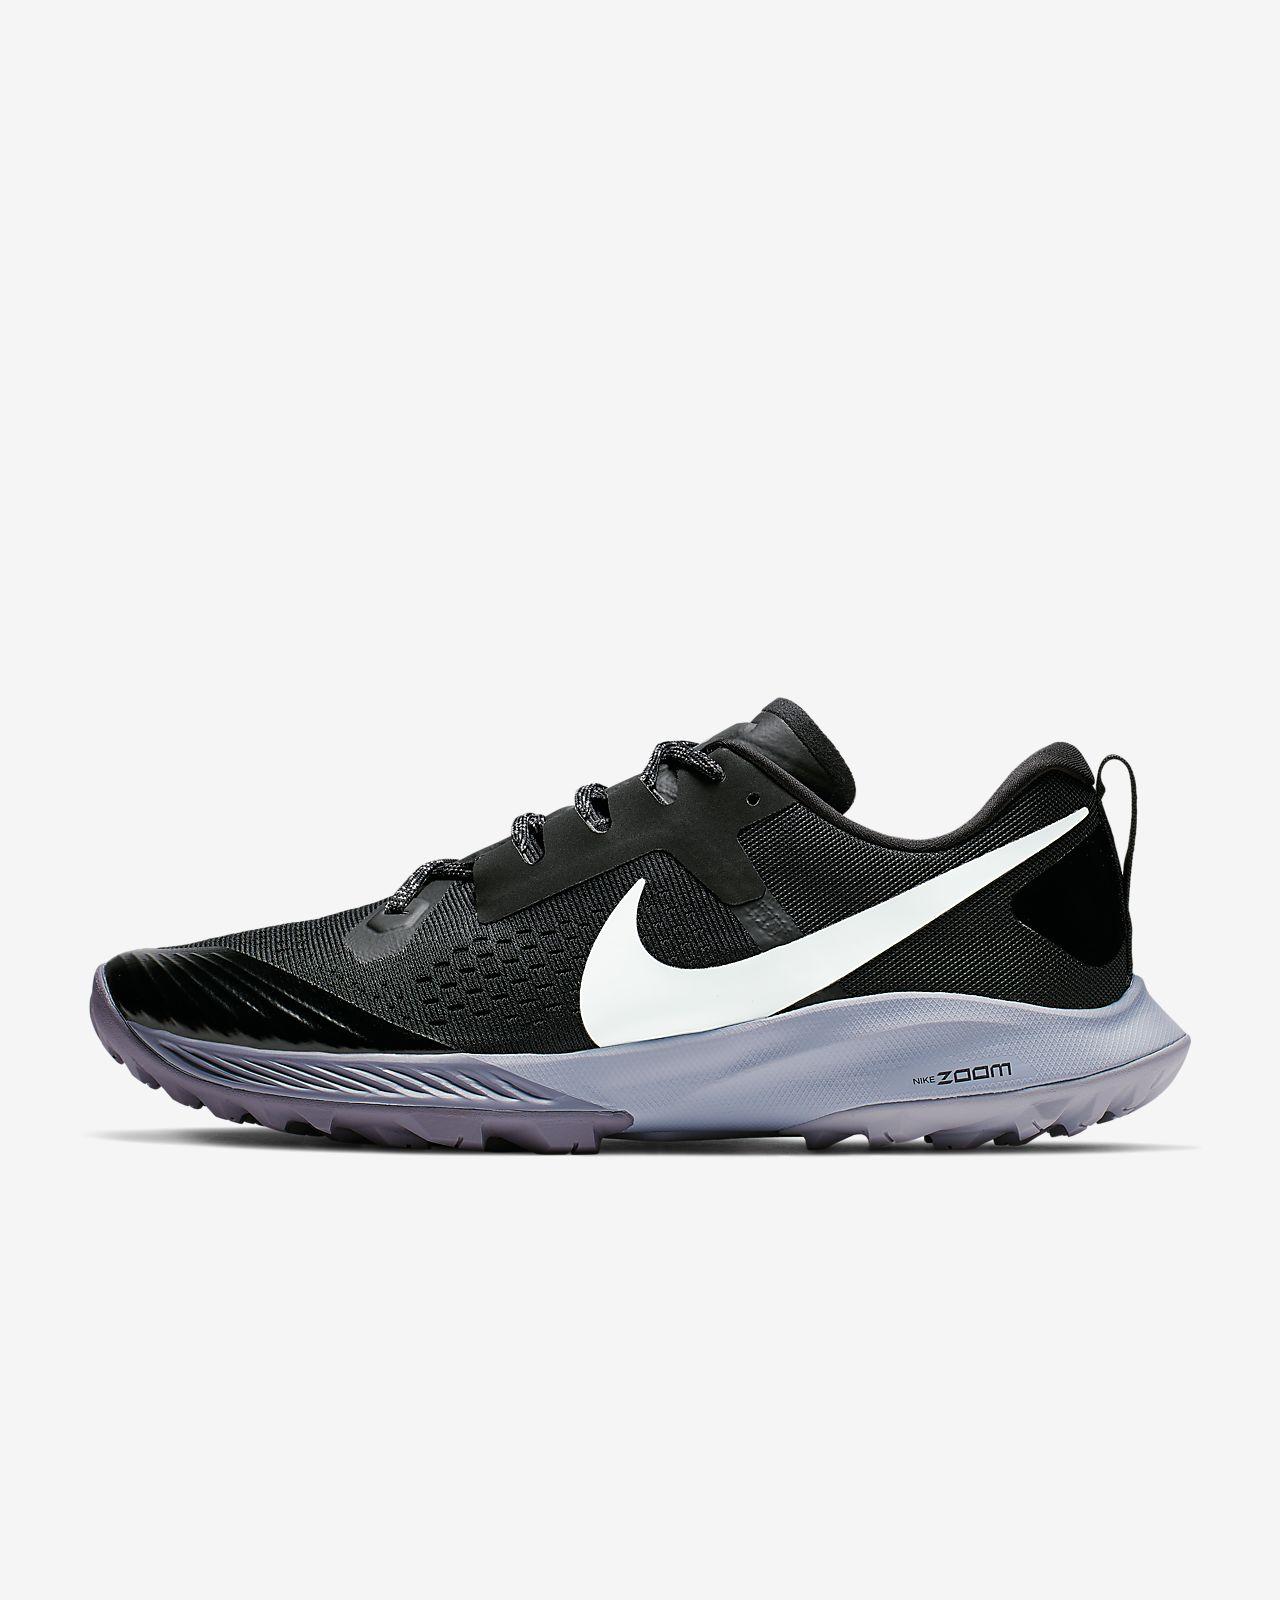 Nike Air Zoom Terra Kiger 5 Erkek Koşu Ayakkabısı